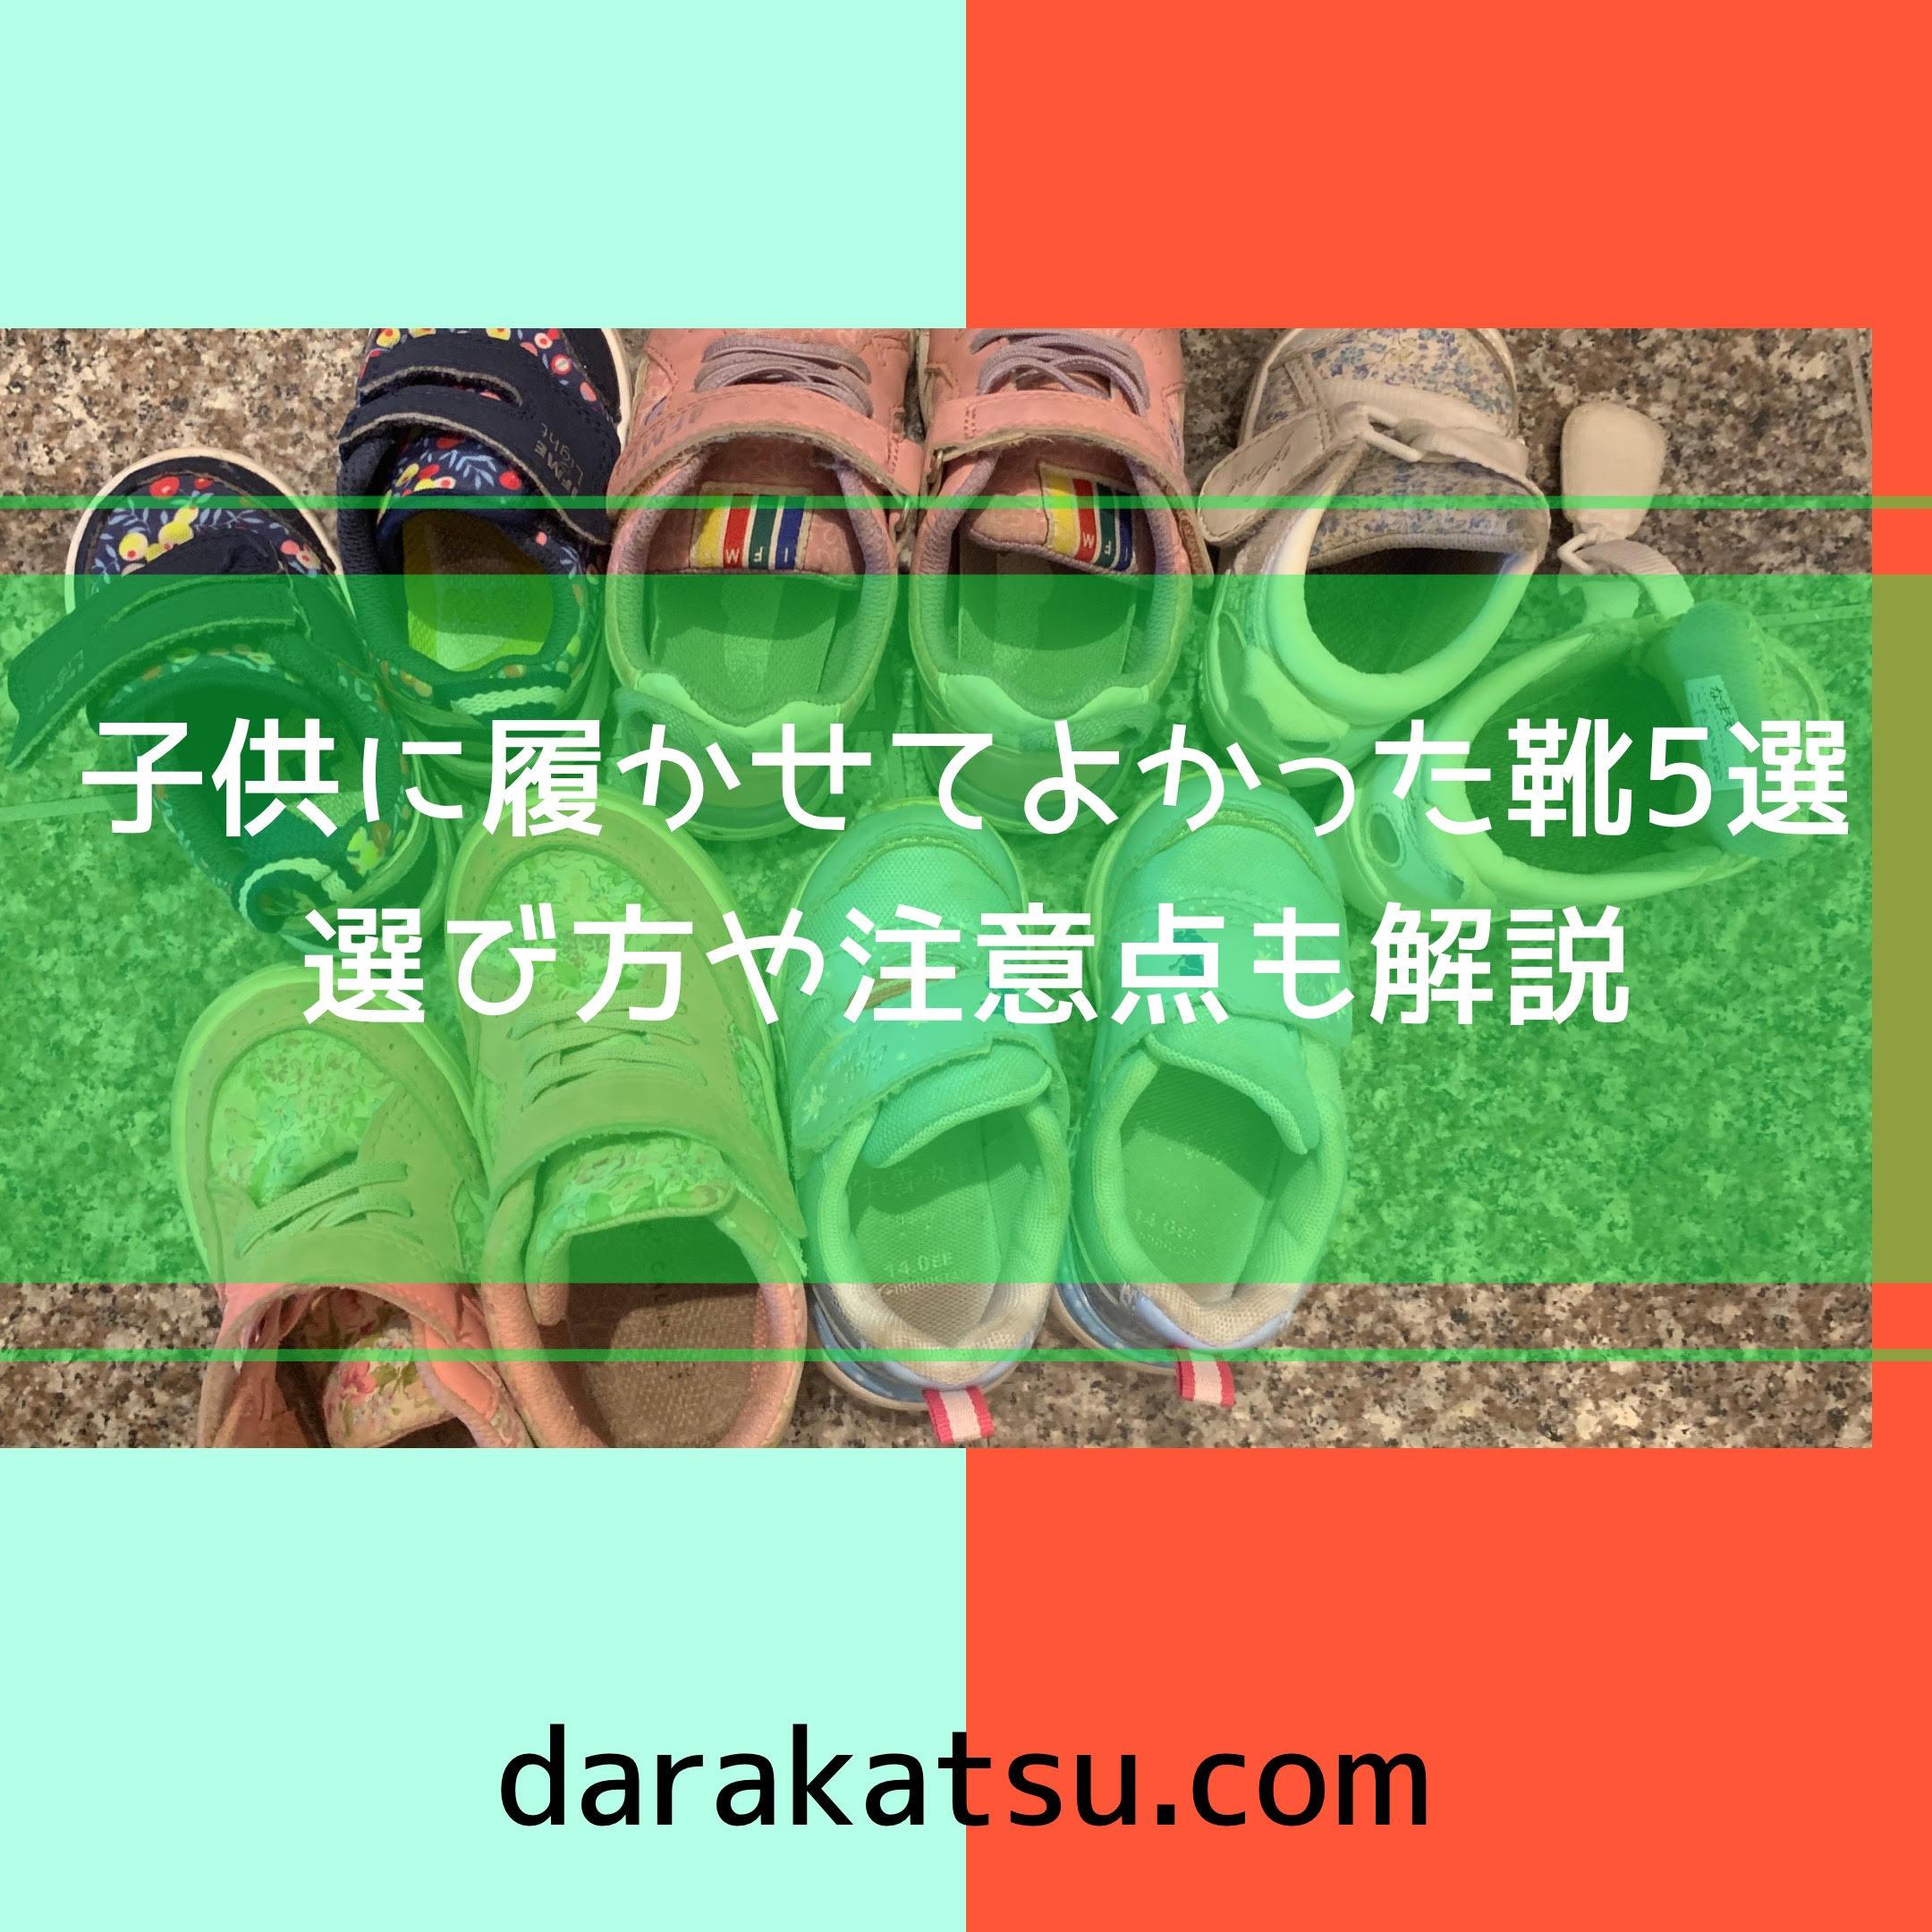 子供に履かせて本当に良かったおすすめスニーカー5選|靴の選び方から注意点まで徹底解説